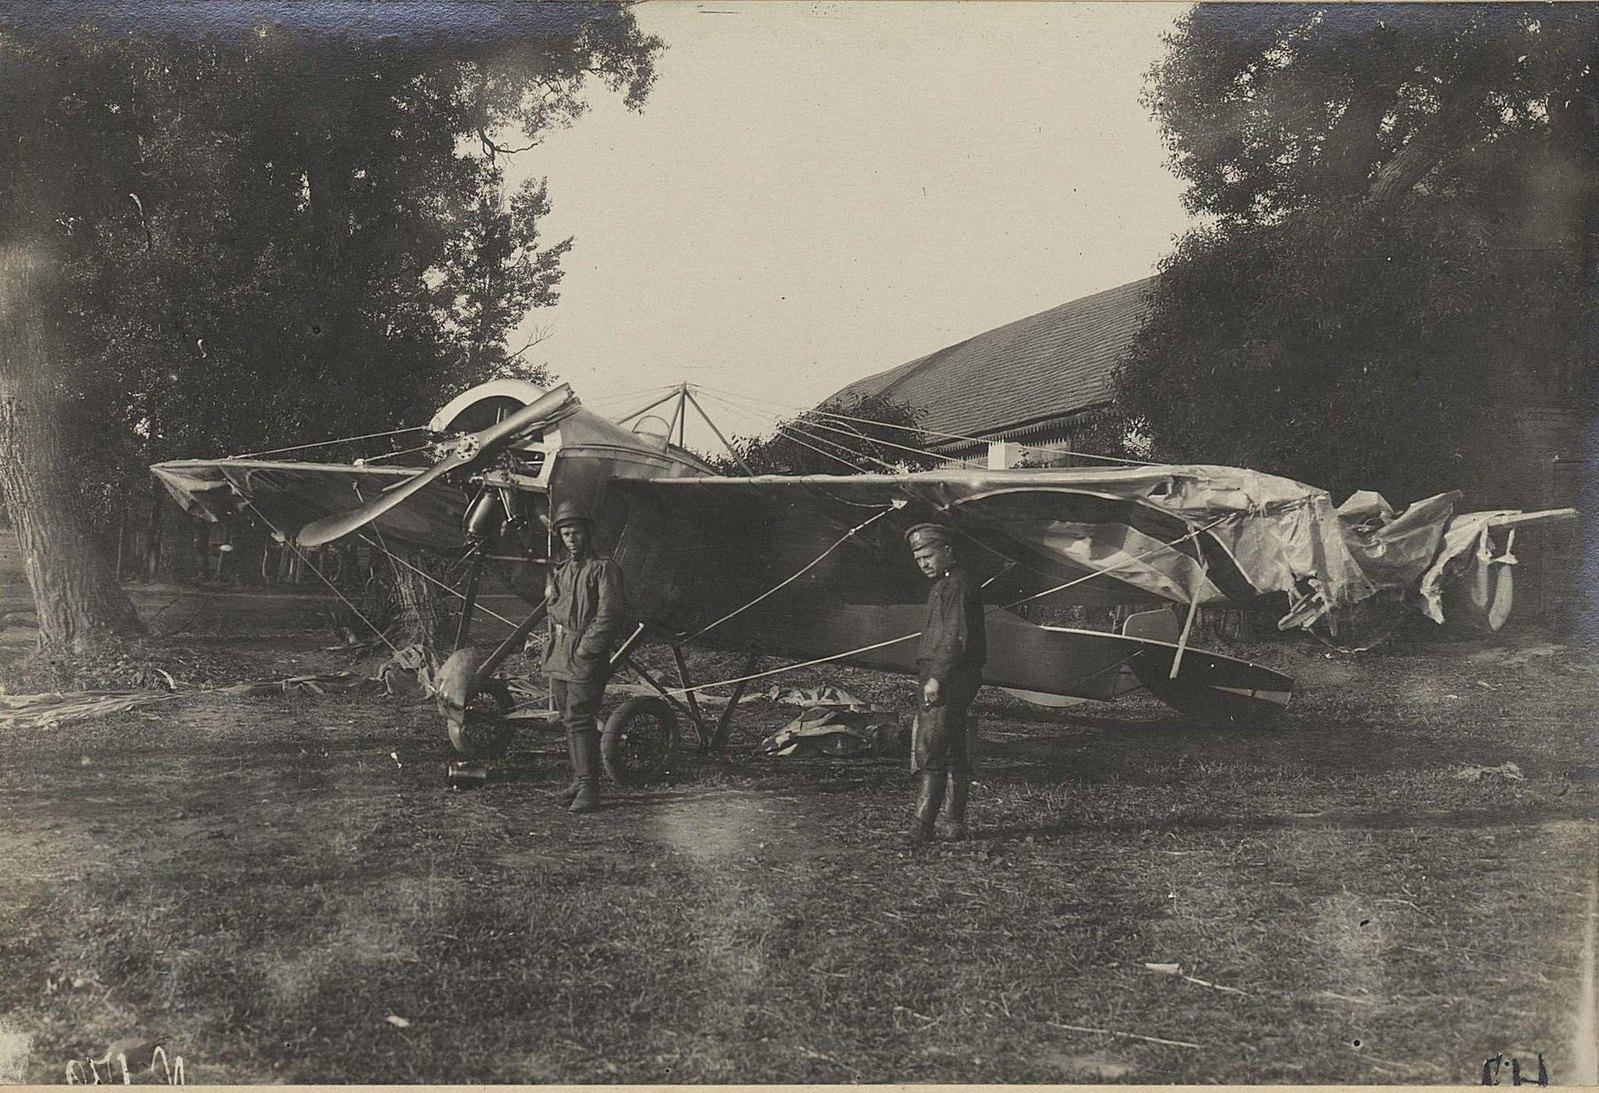 1914-1917. 15-й корпусной авиационный отряд. 5-я армия. Юго-Западный фронт